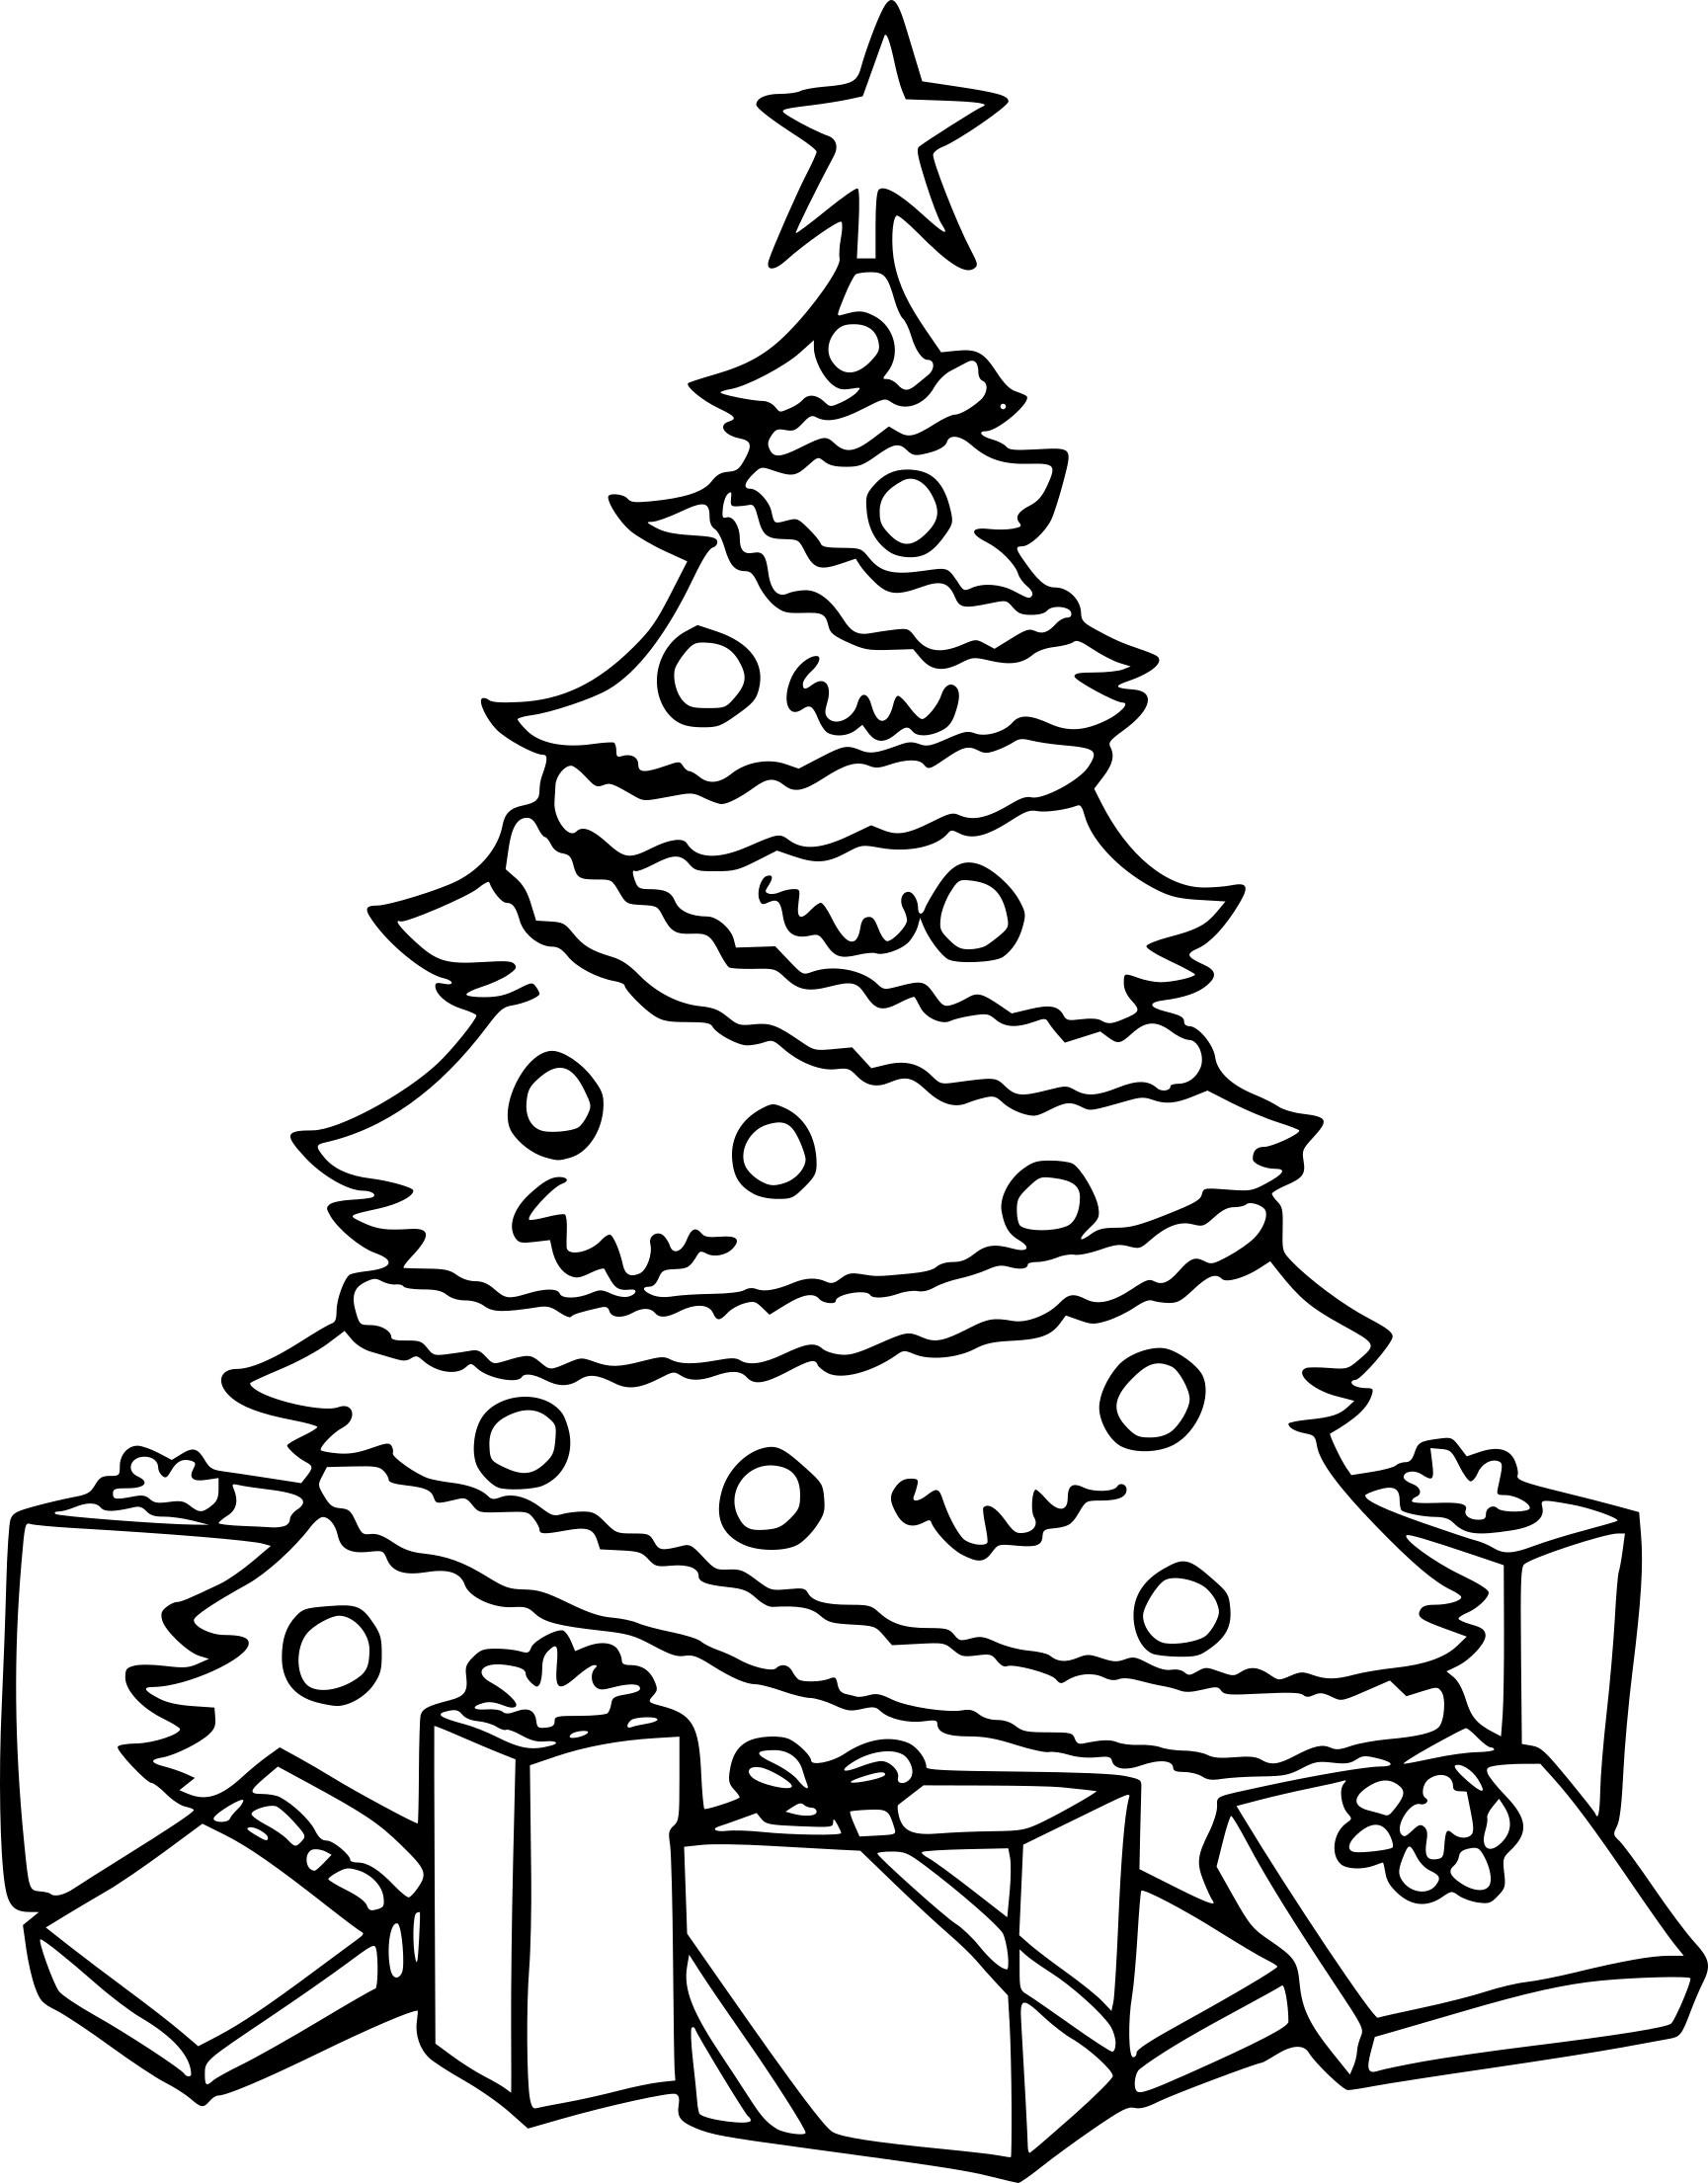 Coloriage Sapin De Noel à Imprimer.Coloriage Sapin De Noel Avec Des Cadeaux à Imprimer Gratuit